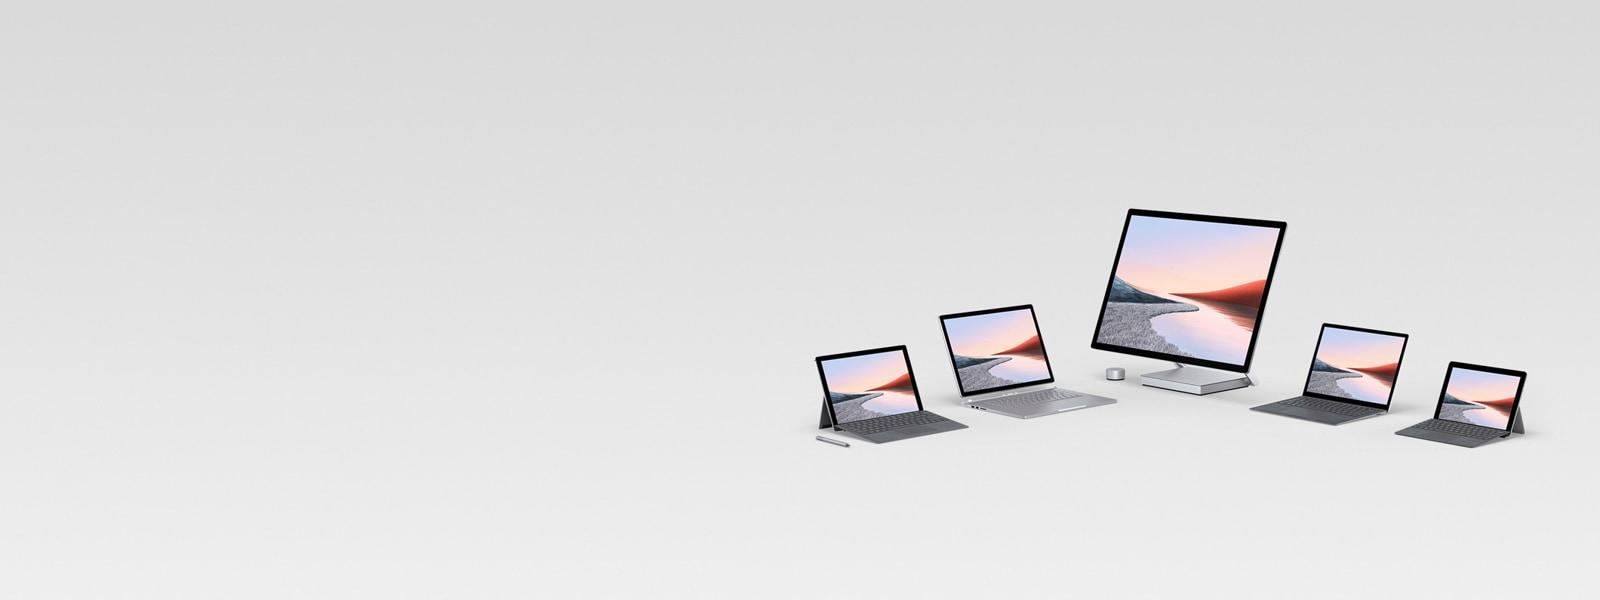 Useiden Surface-tietokoneiden näyttö